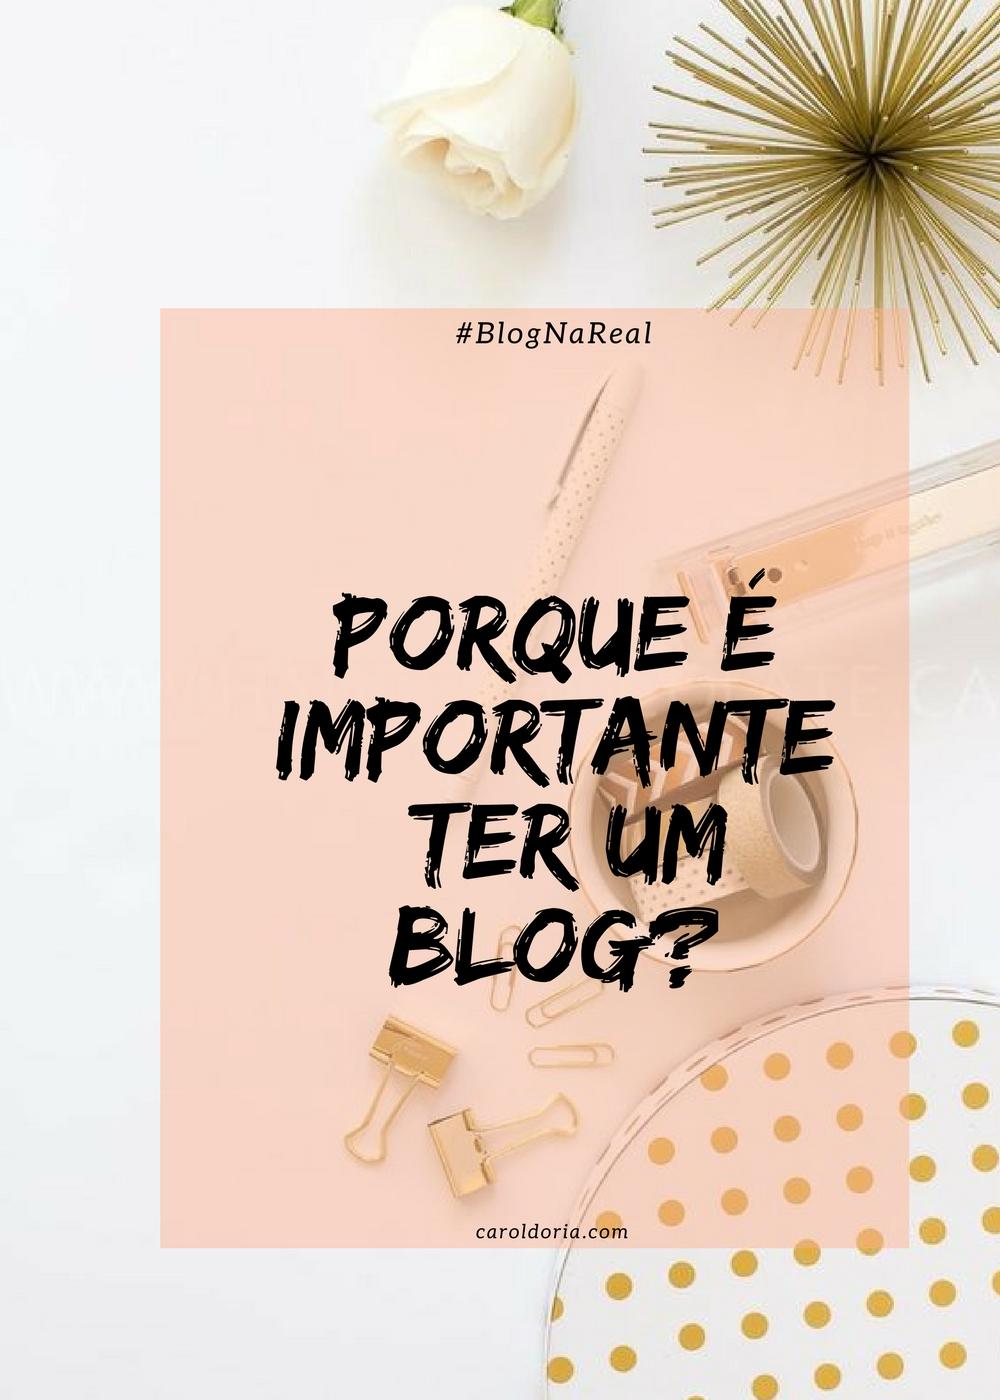 porque é importante ter blog - Carol Doria